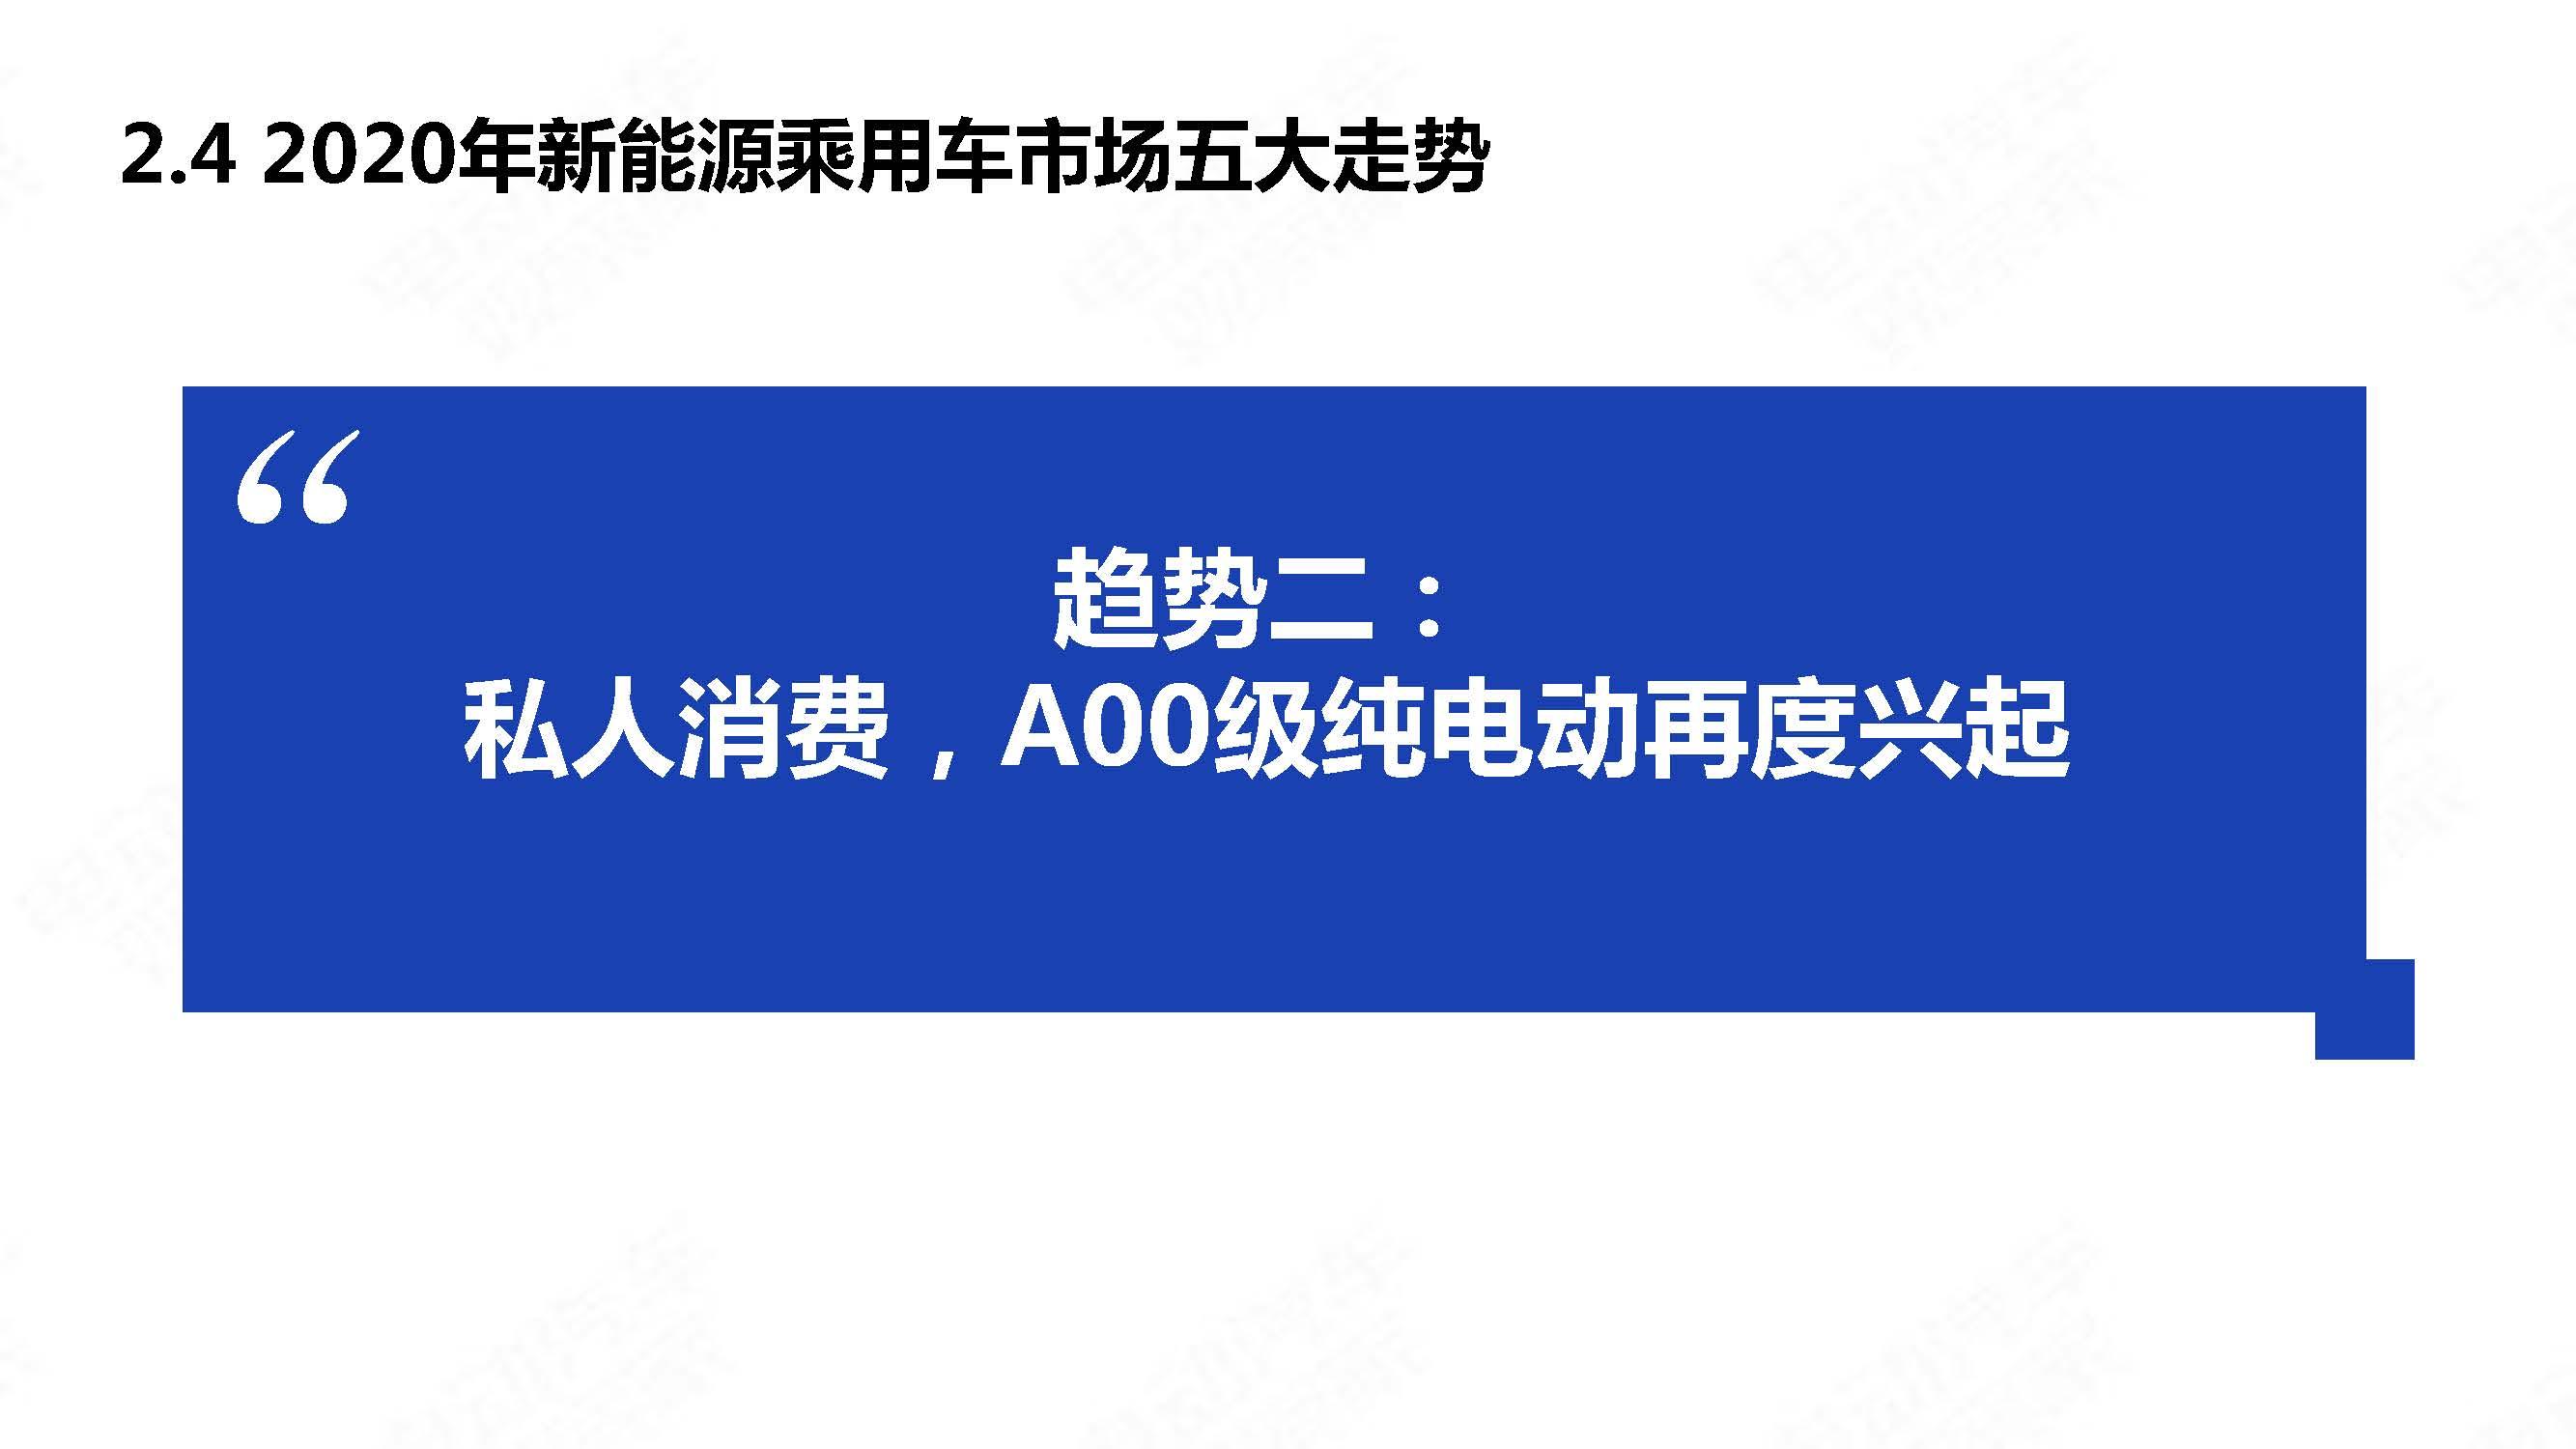 中国新能源汽车产业年度观察2020 简版_页面_20